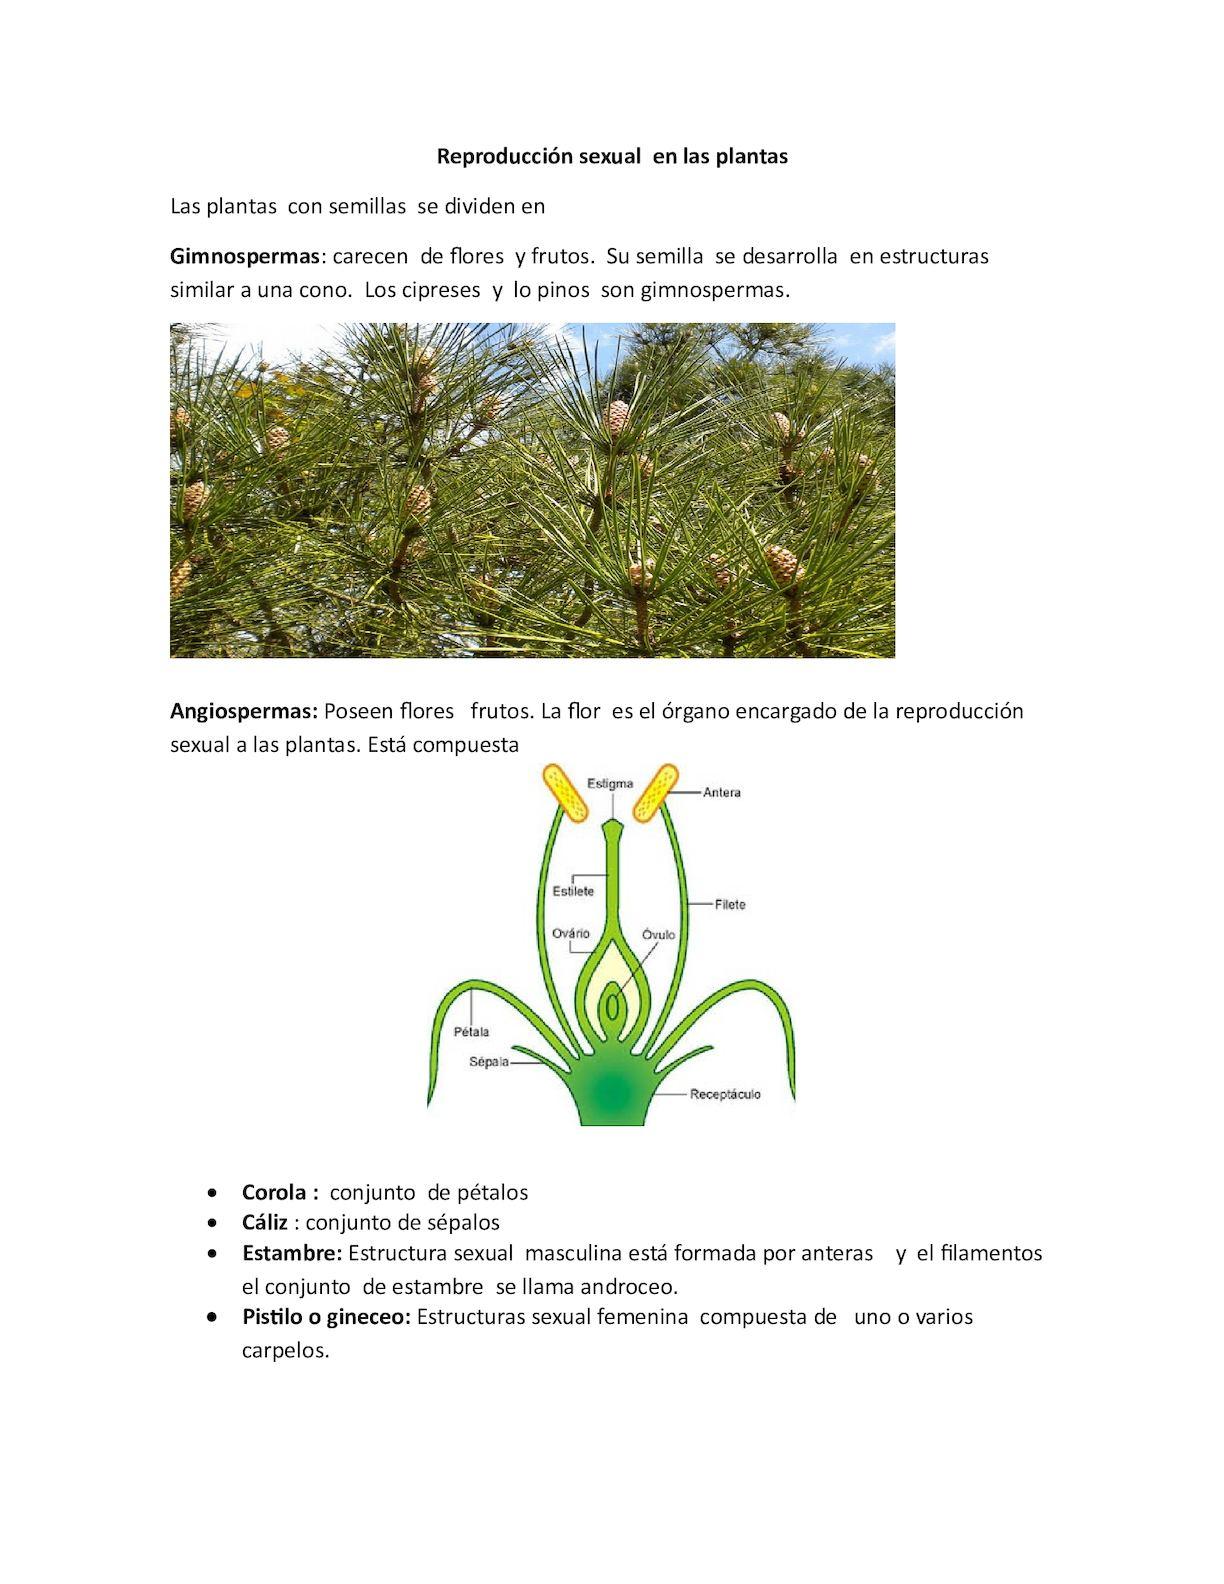 Organo de reproduccion sexual de las plantas con flores